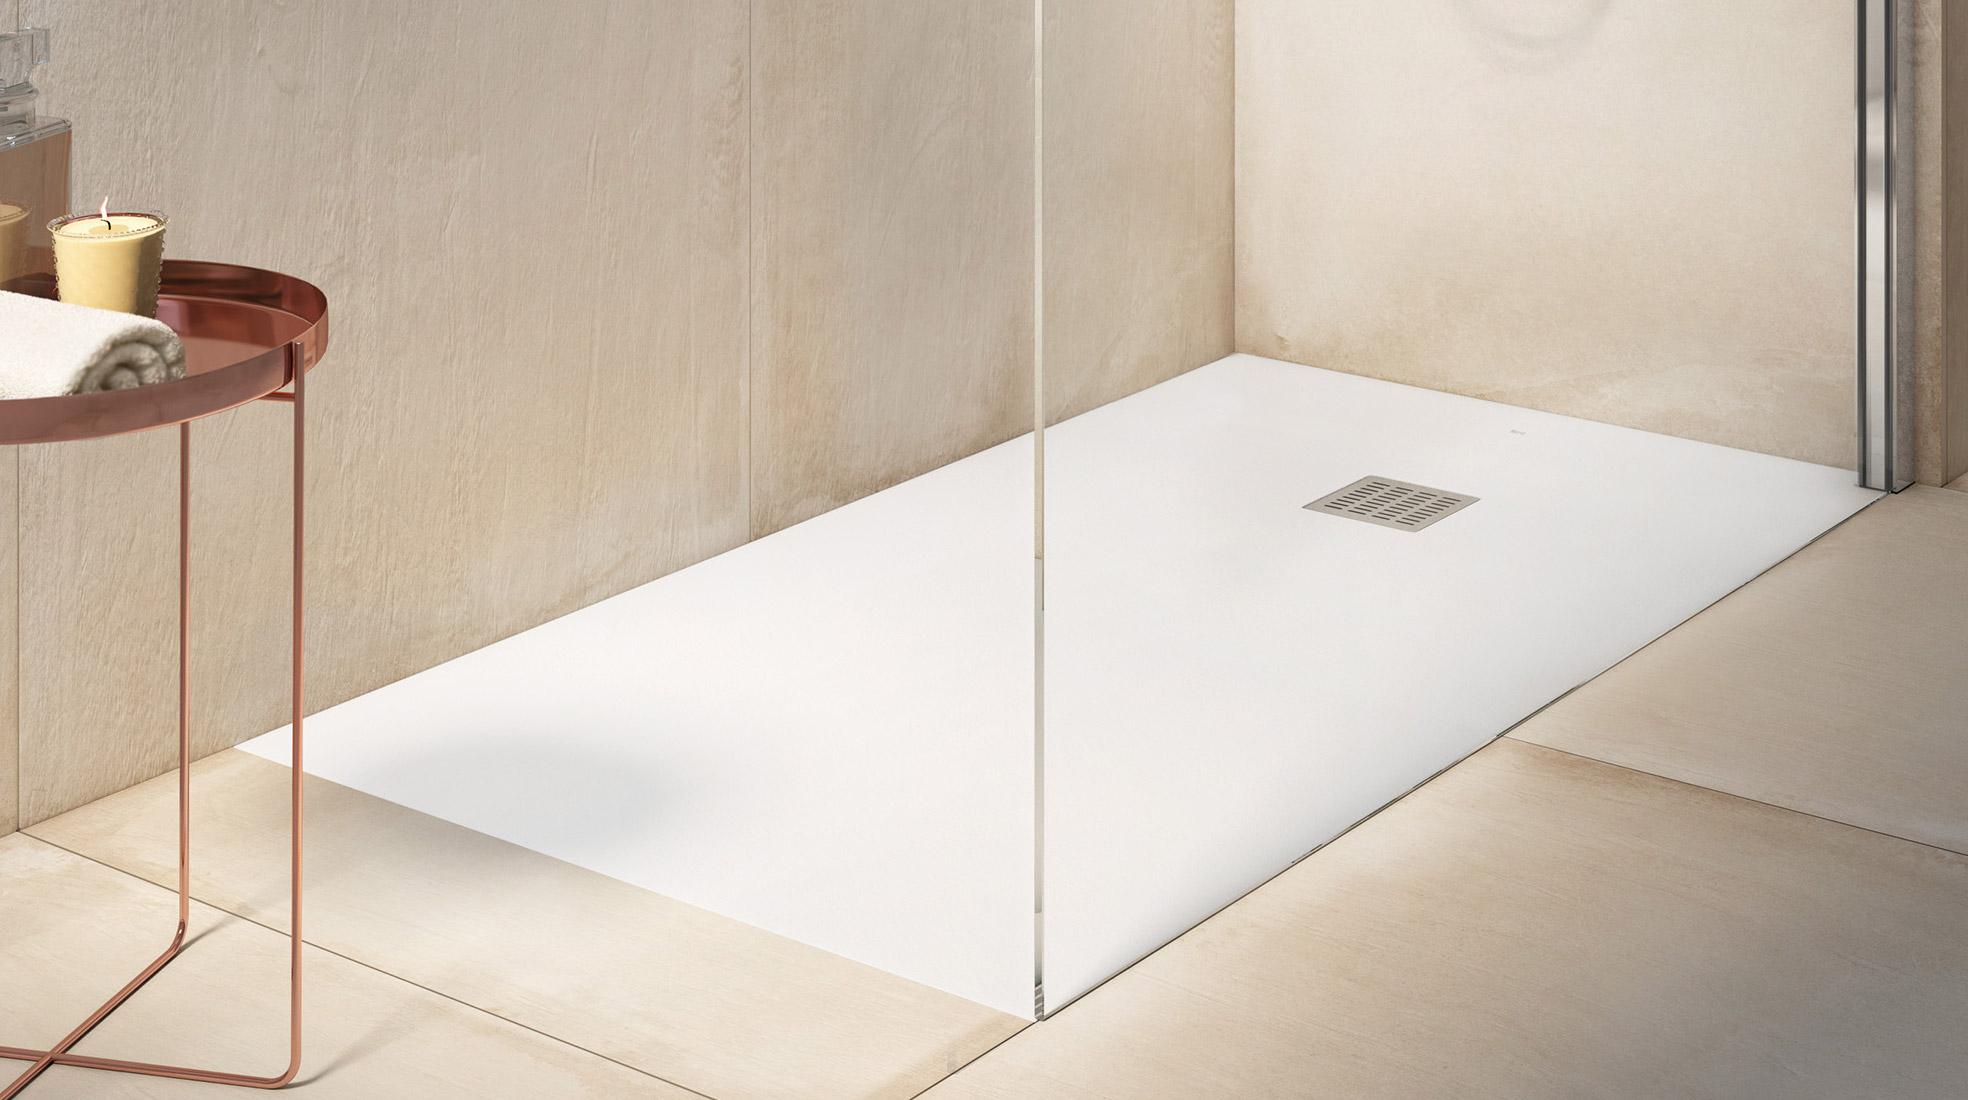 Si sufres fugas de agua en el ba o arr glalo con un plato - Plato de ducha pequeno ...